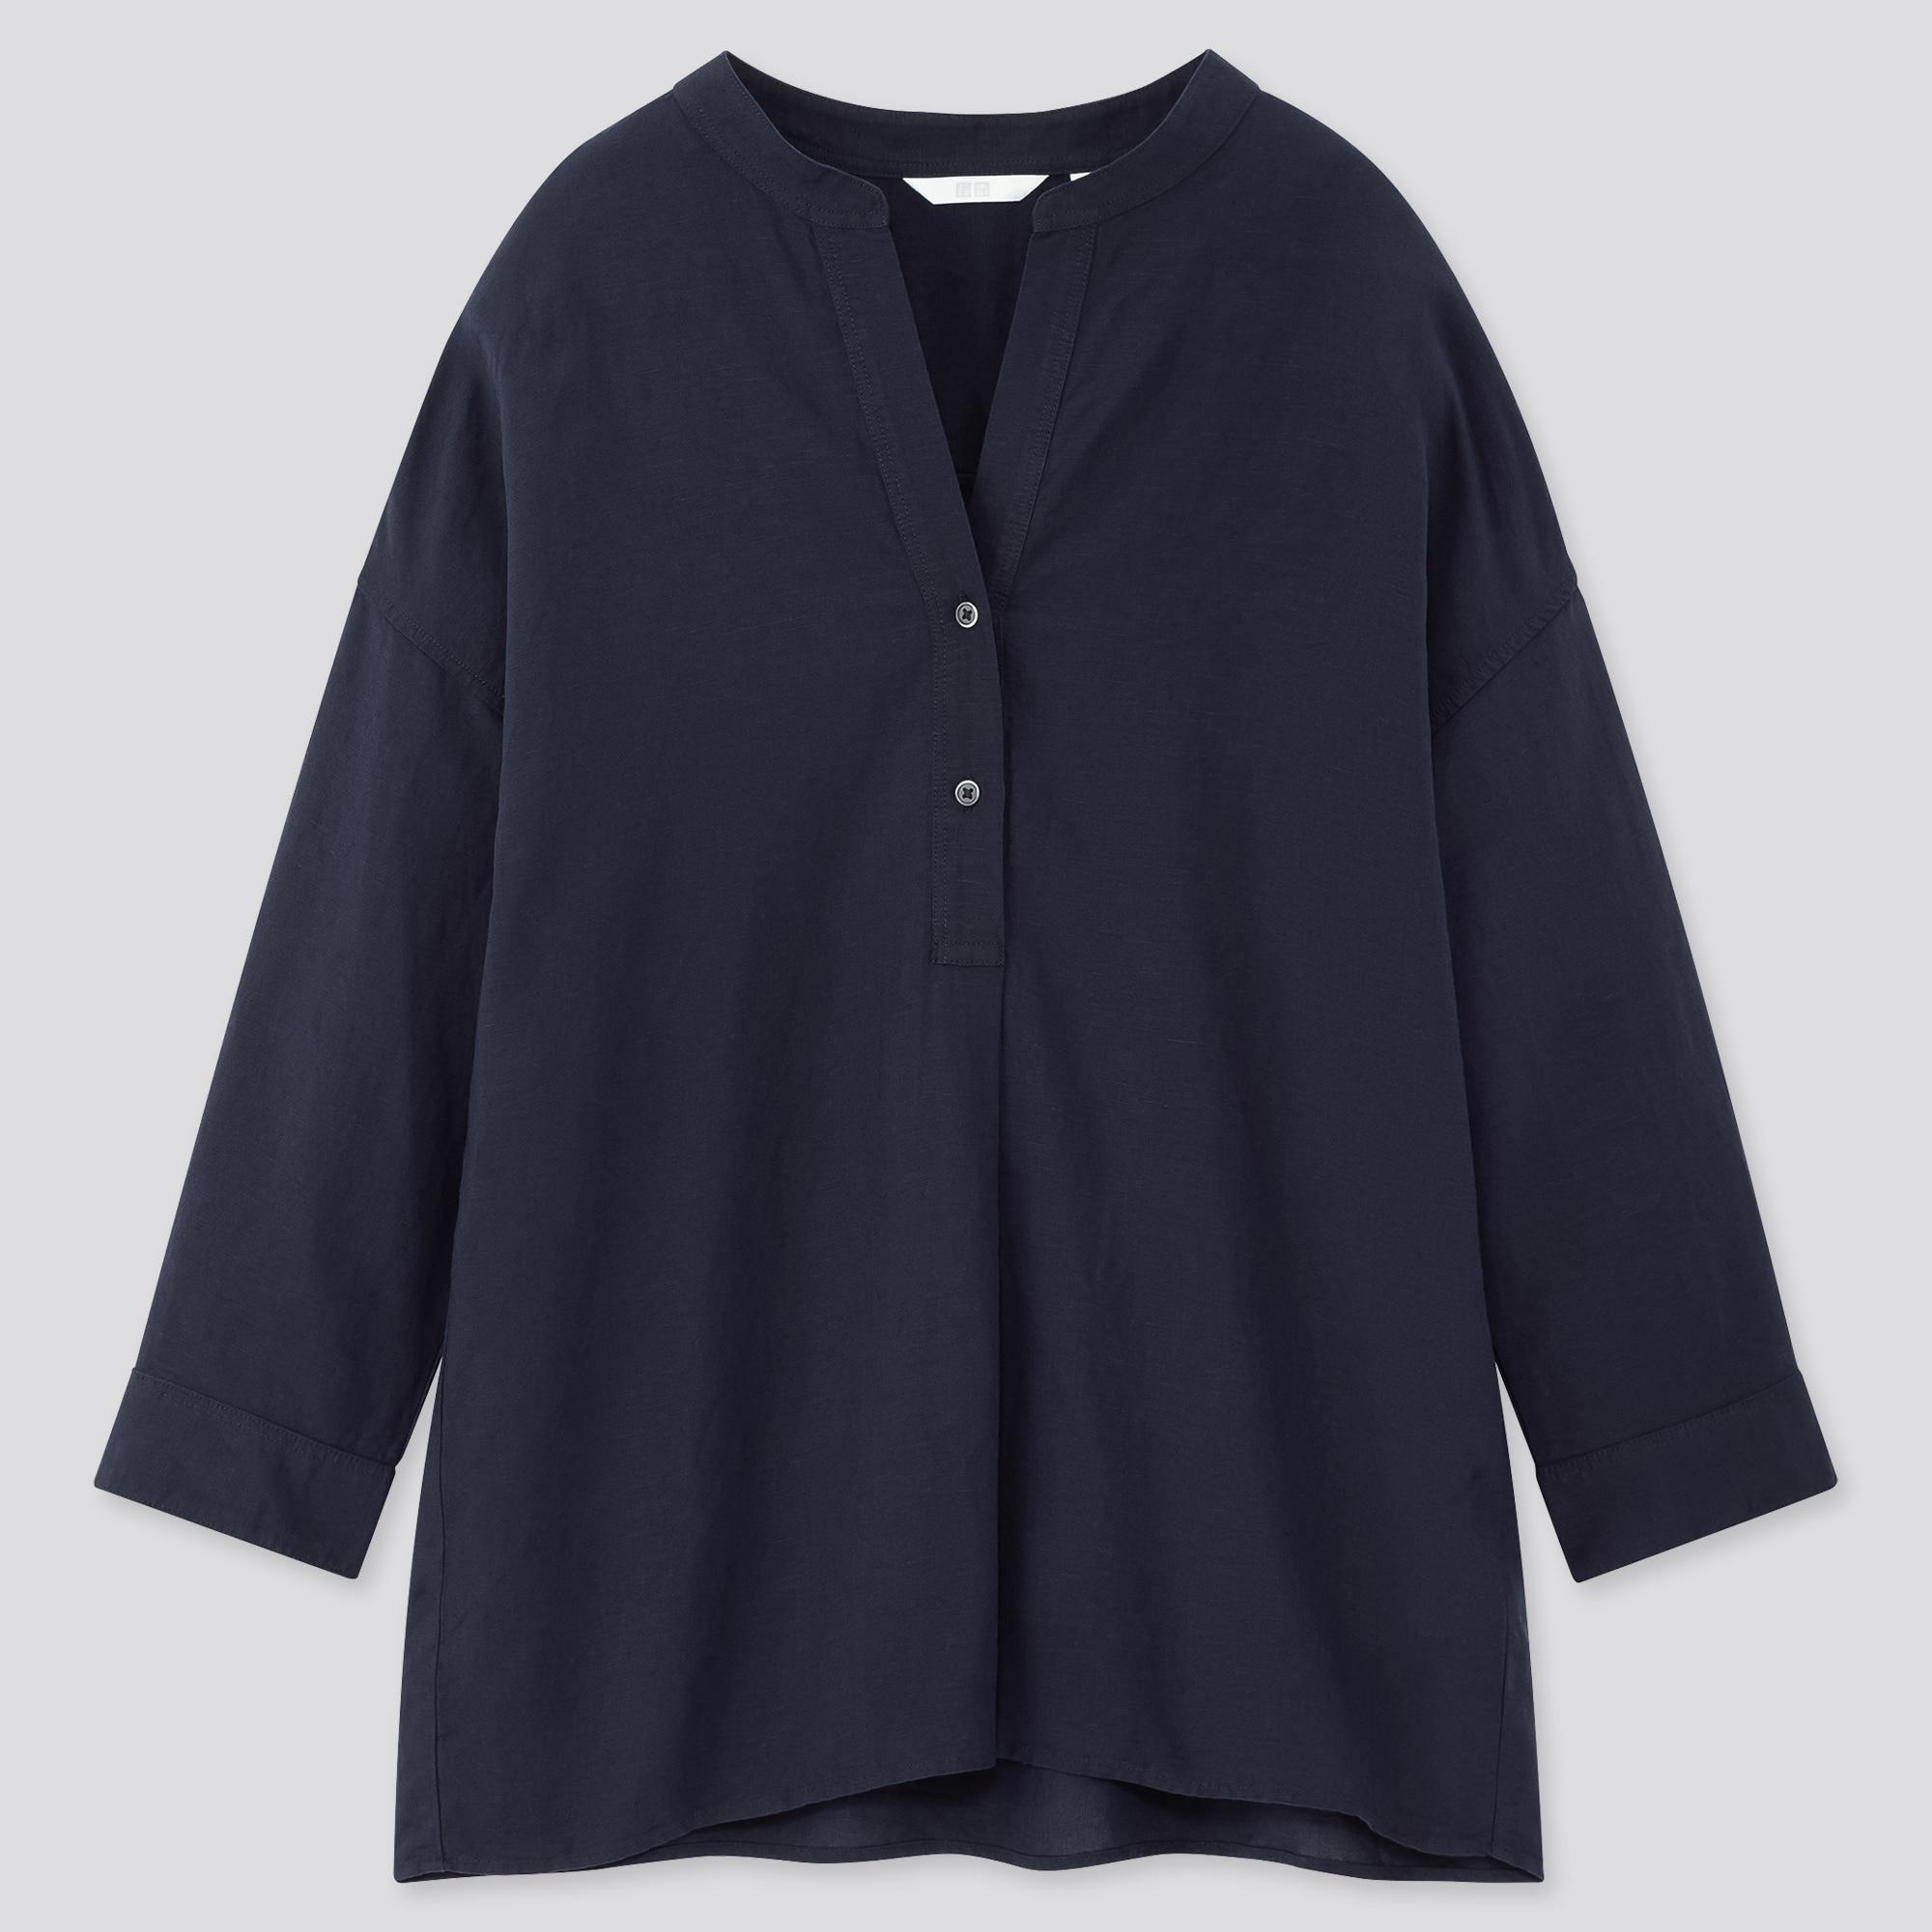 Women Linen Blend Skipper Collar 3/4 Sleeved Shirt